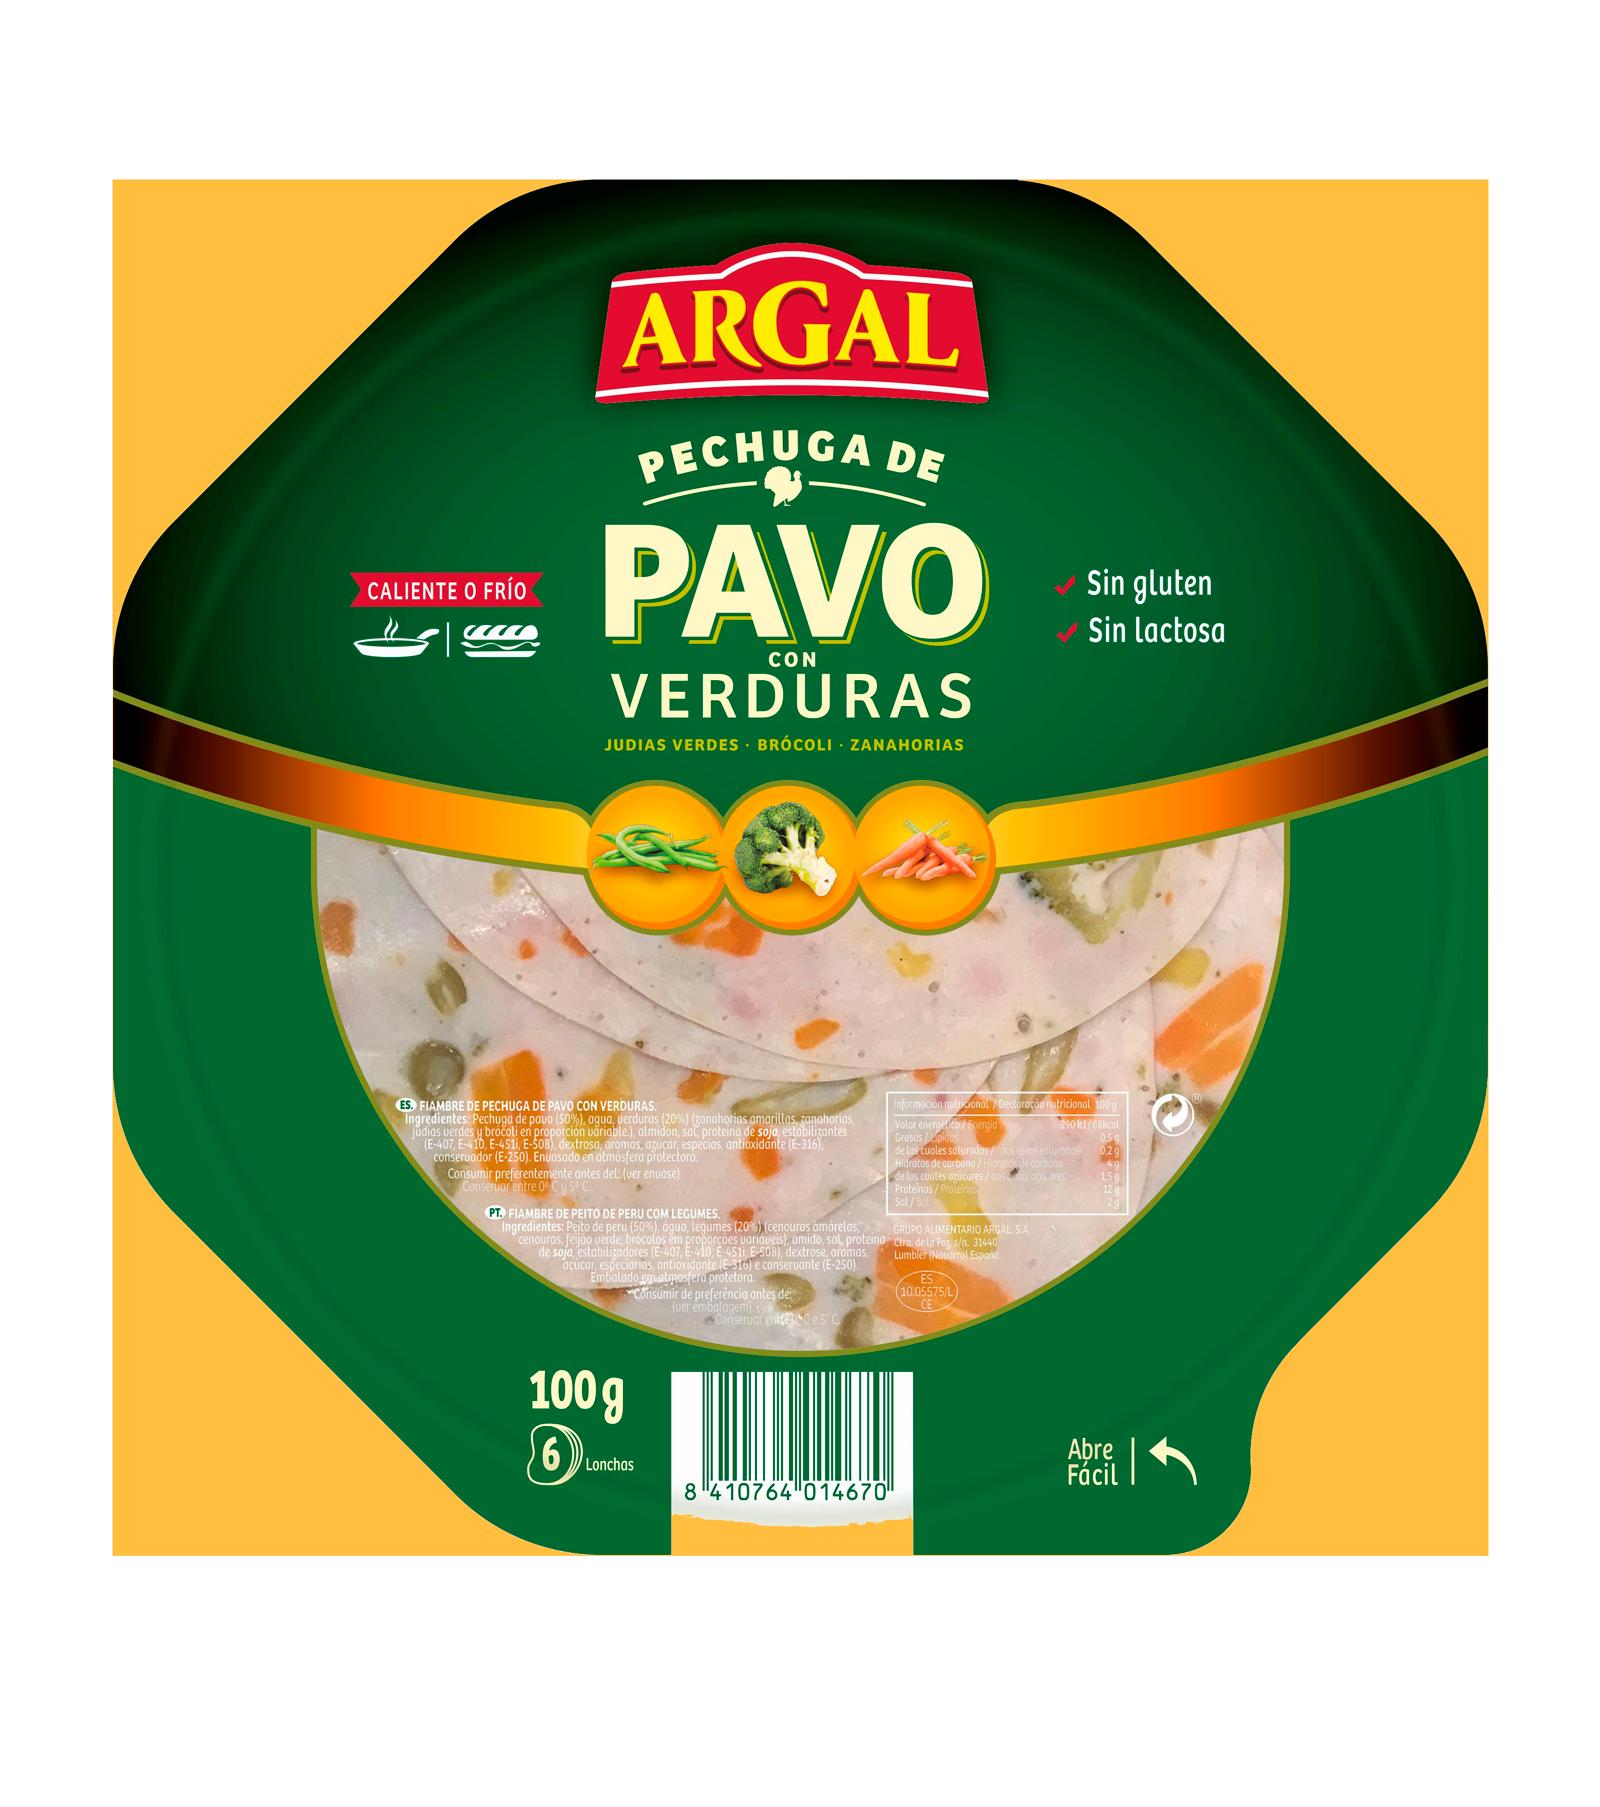 PECHUGA-PAVO-VERDURAS